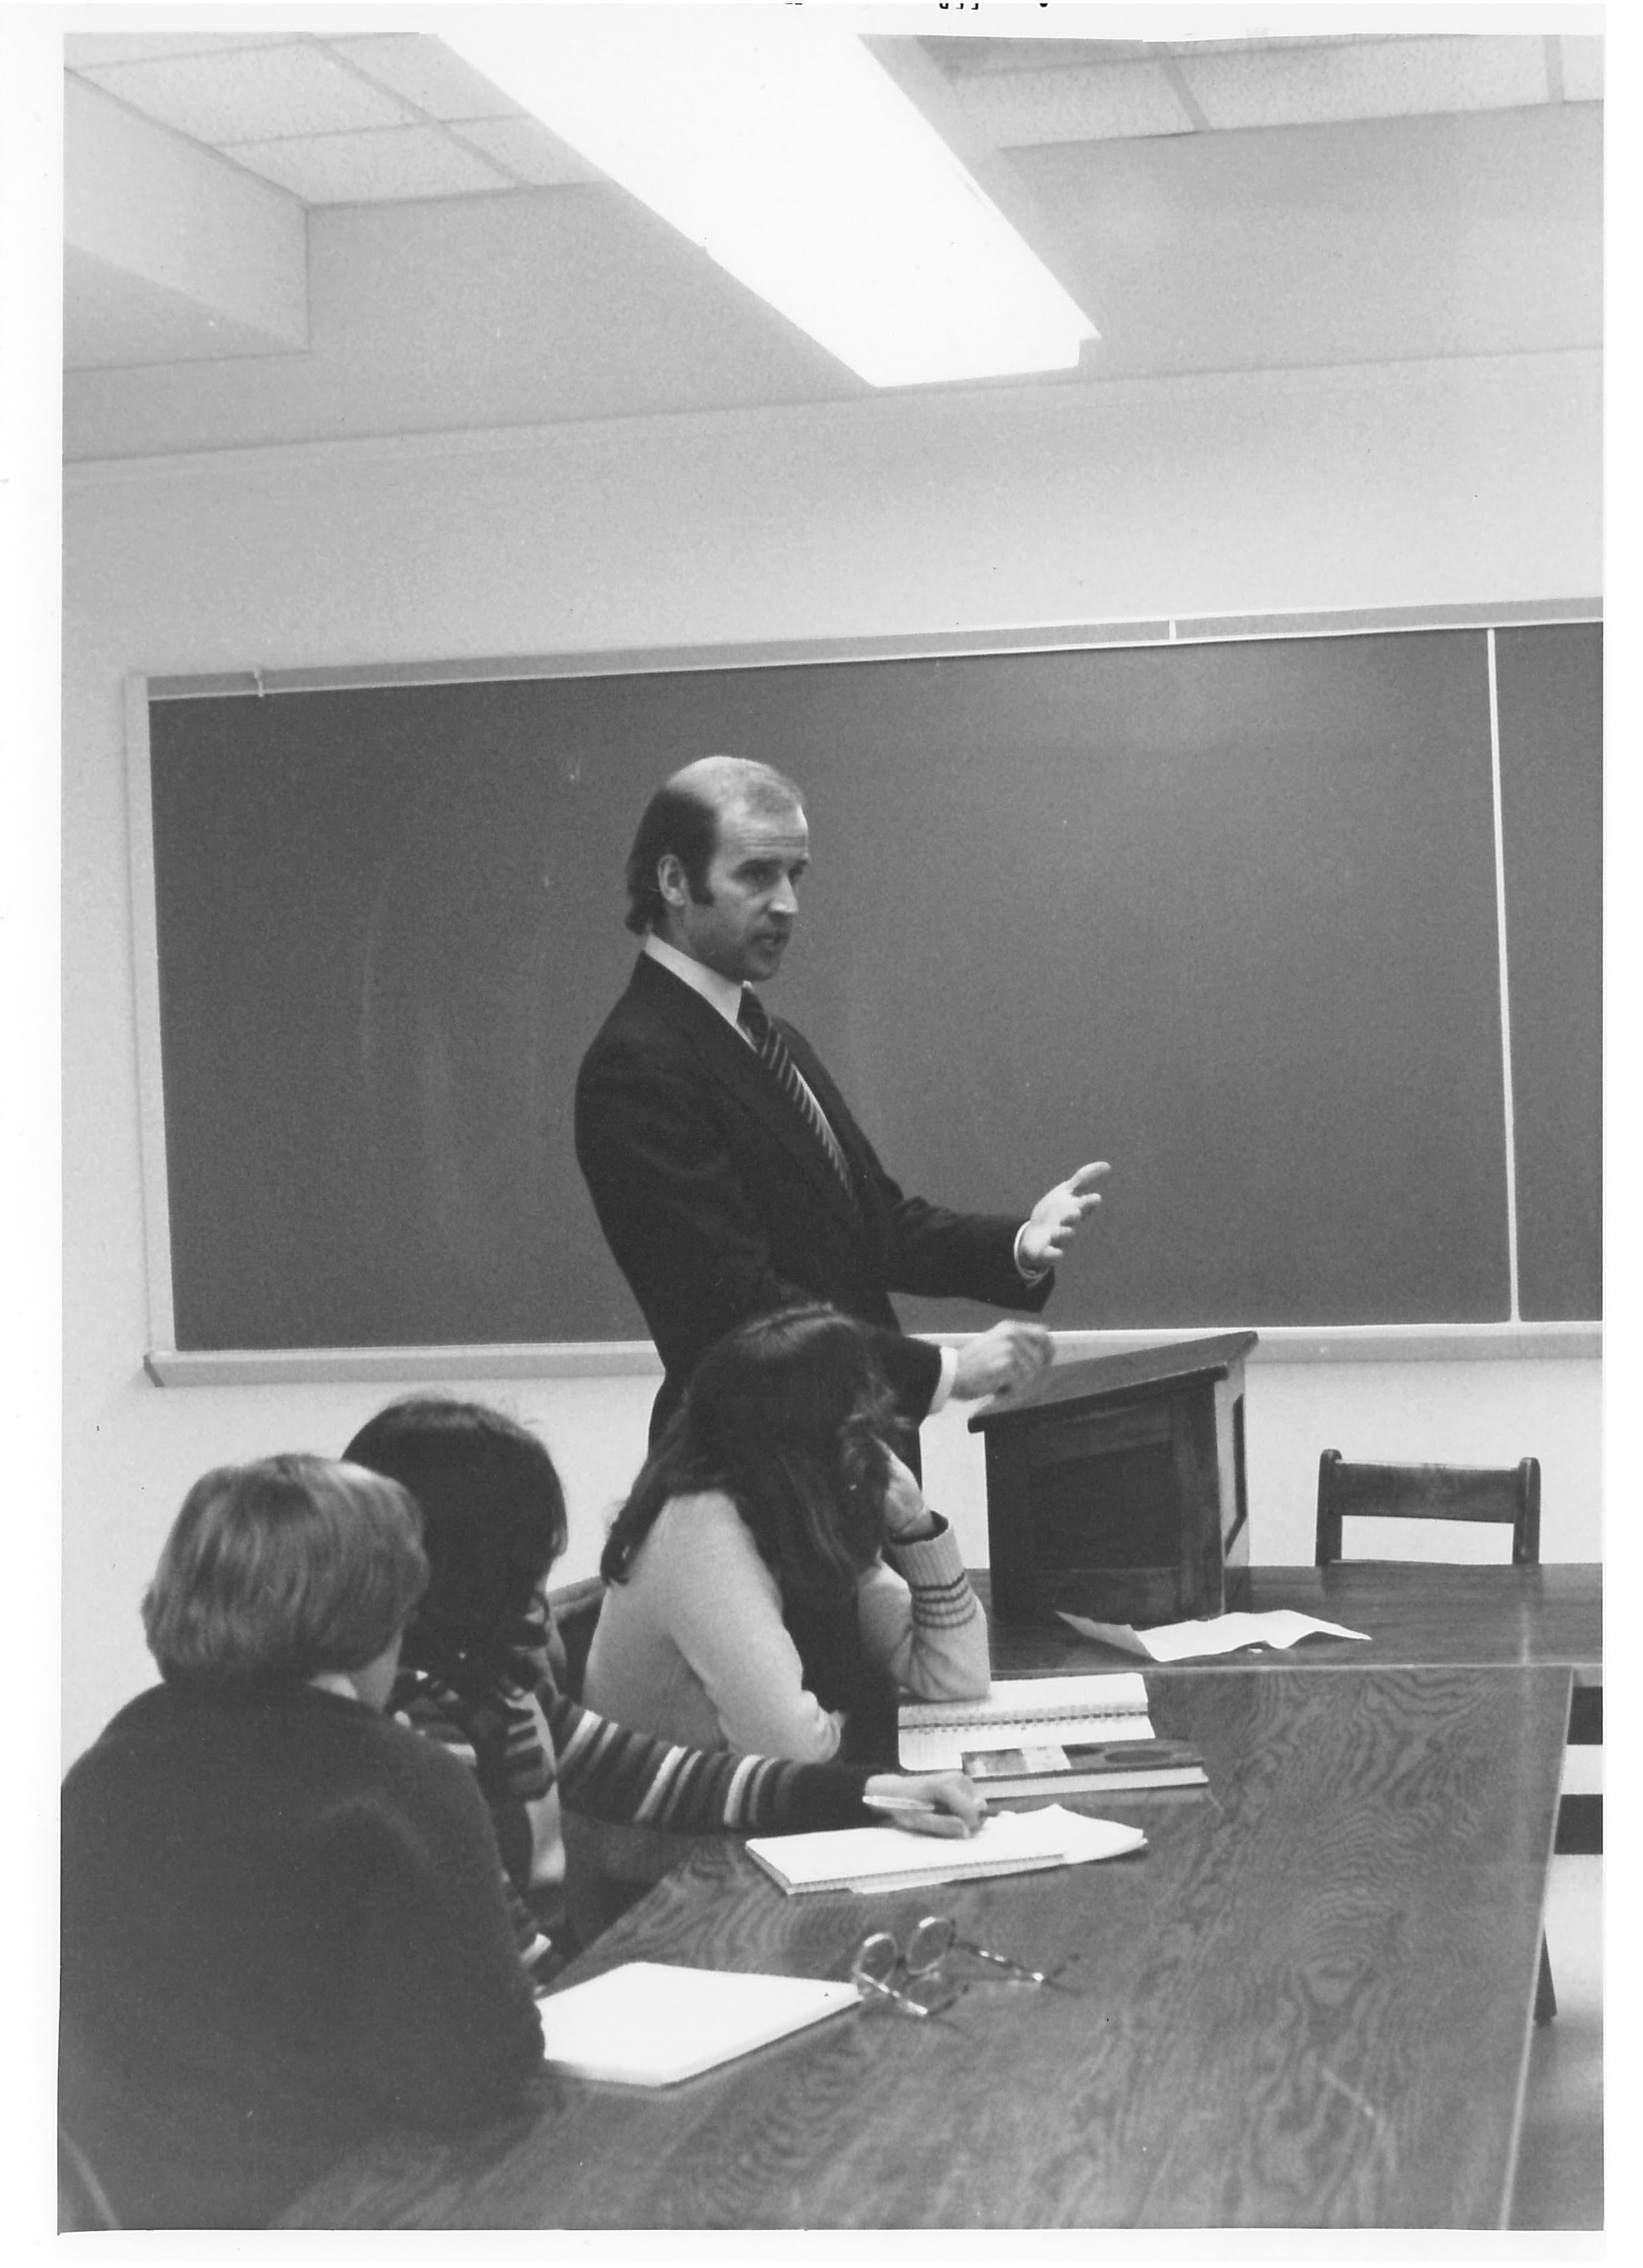 Joe Biden meeting with students